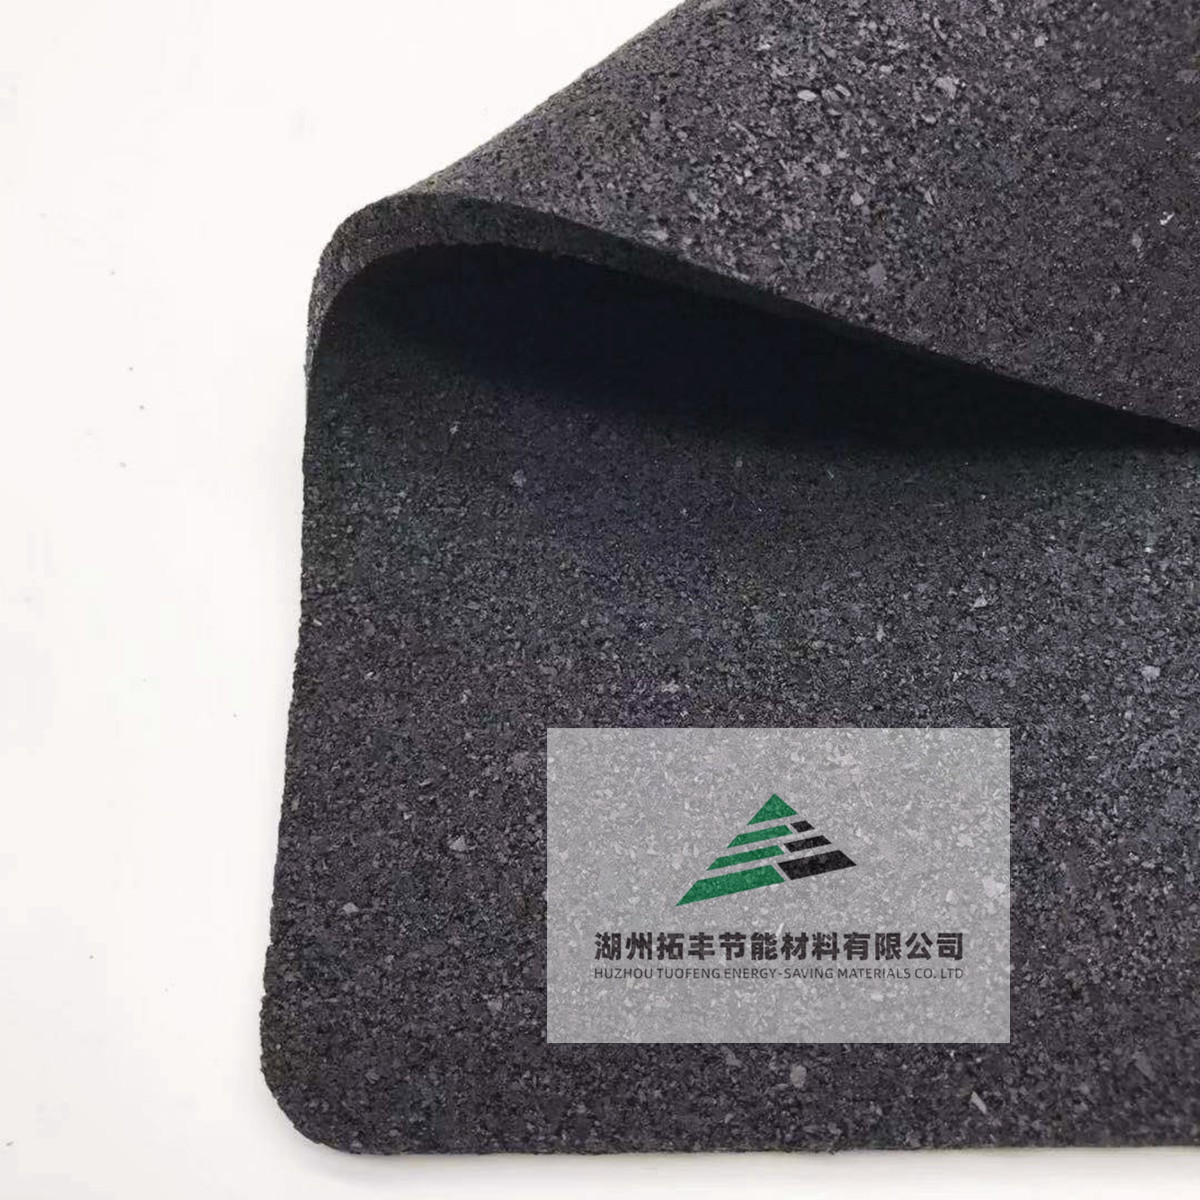 上海5厚橡胶减震垫,酒店隔音减震专用,彩色橡胶颗粒地垫,橡胶颗粒地垫,酒店隔音垫